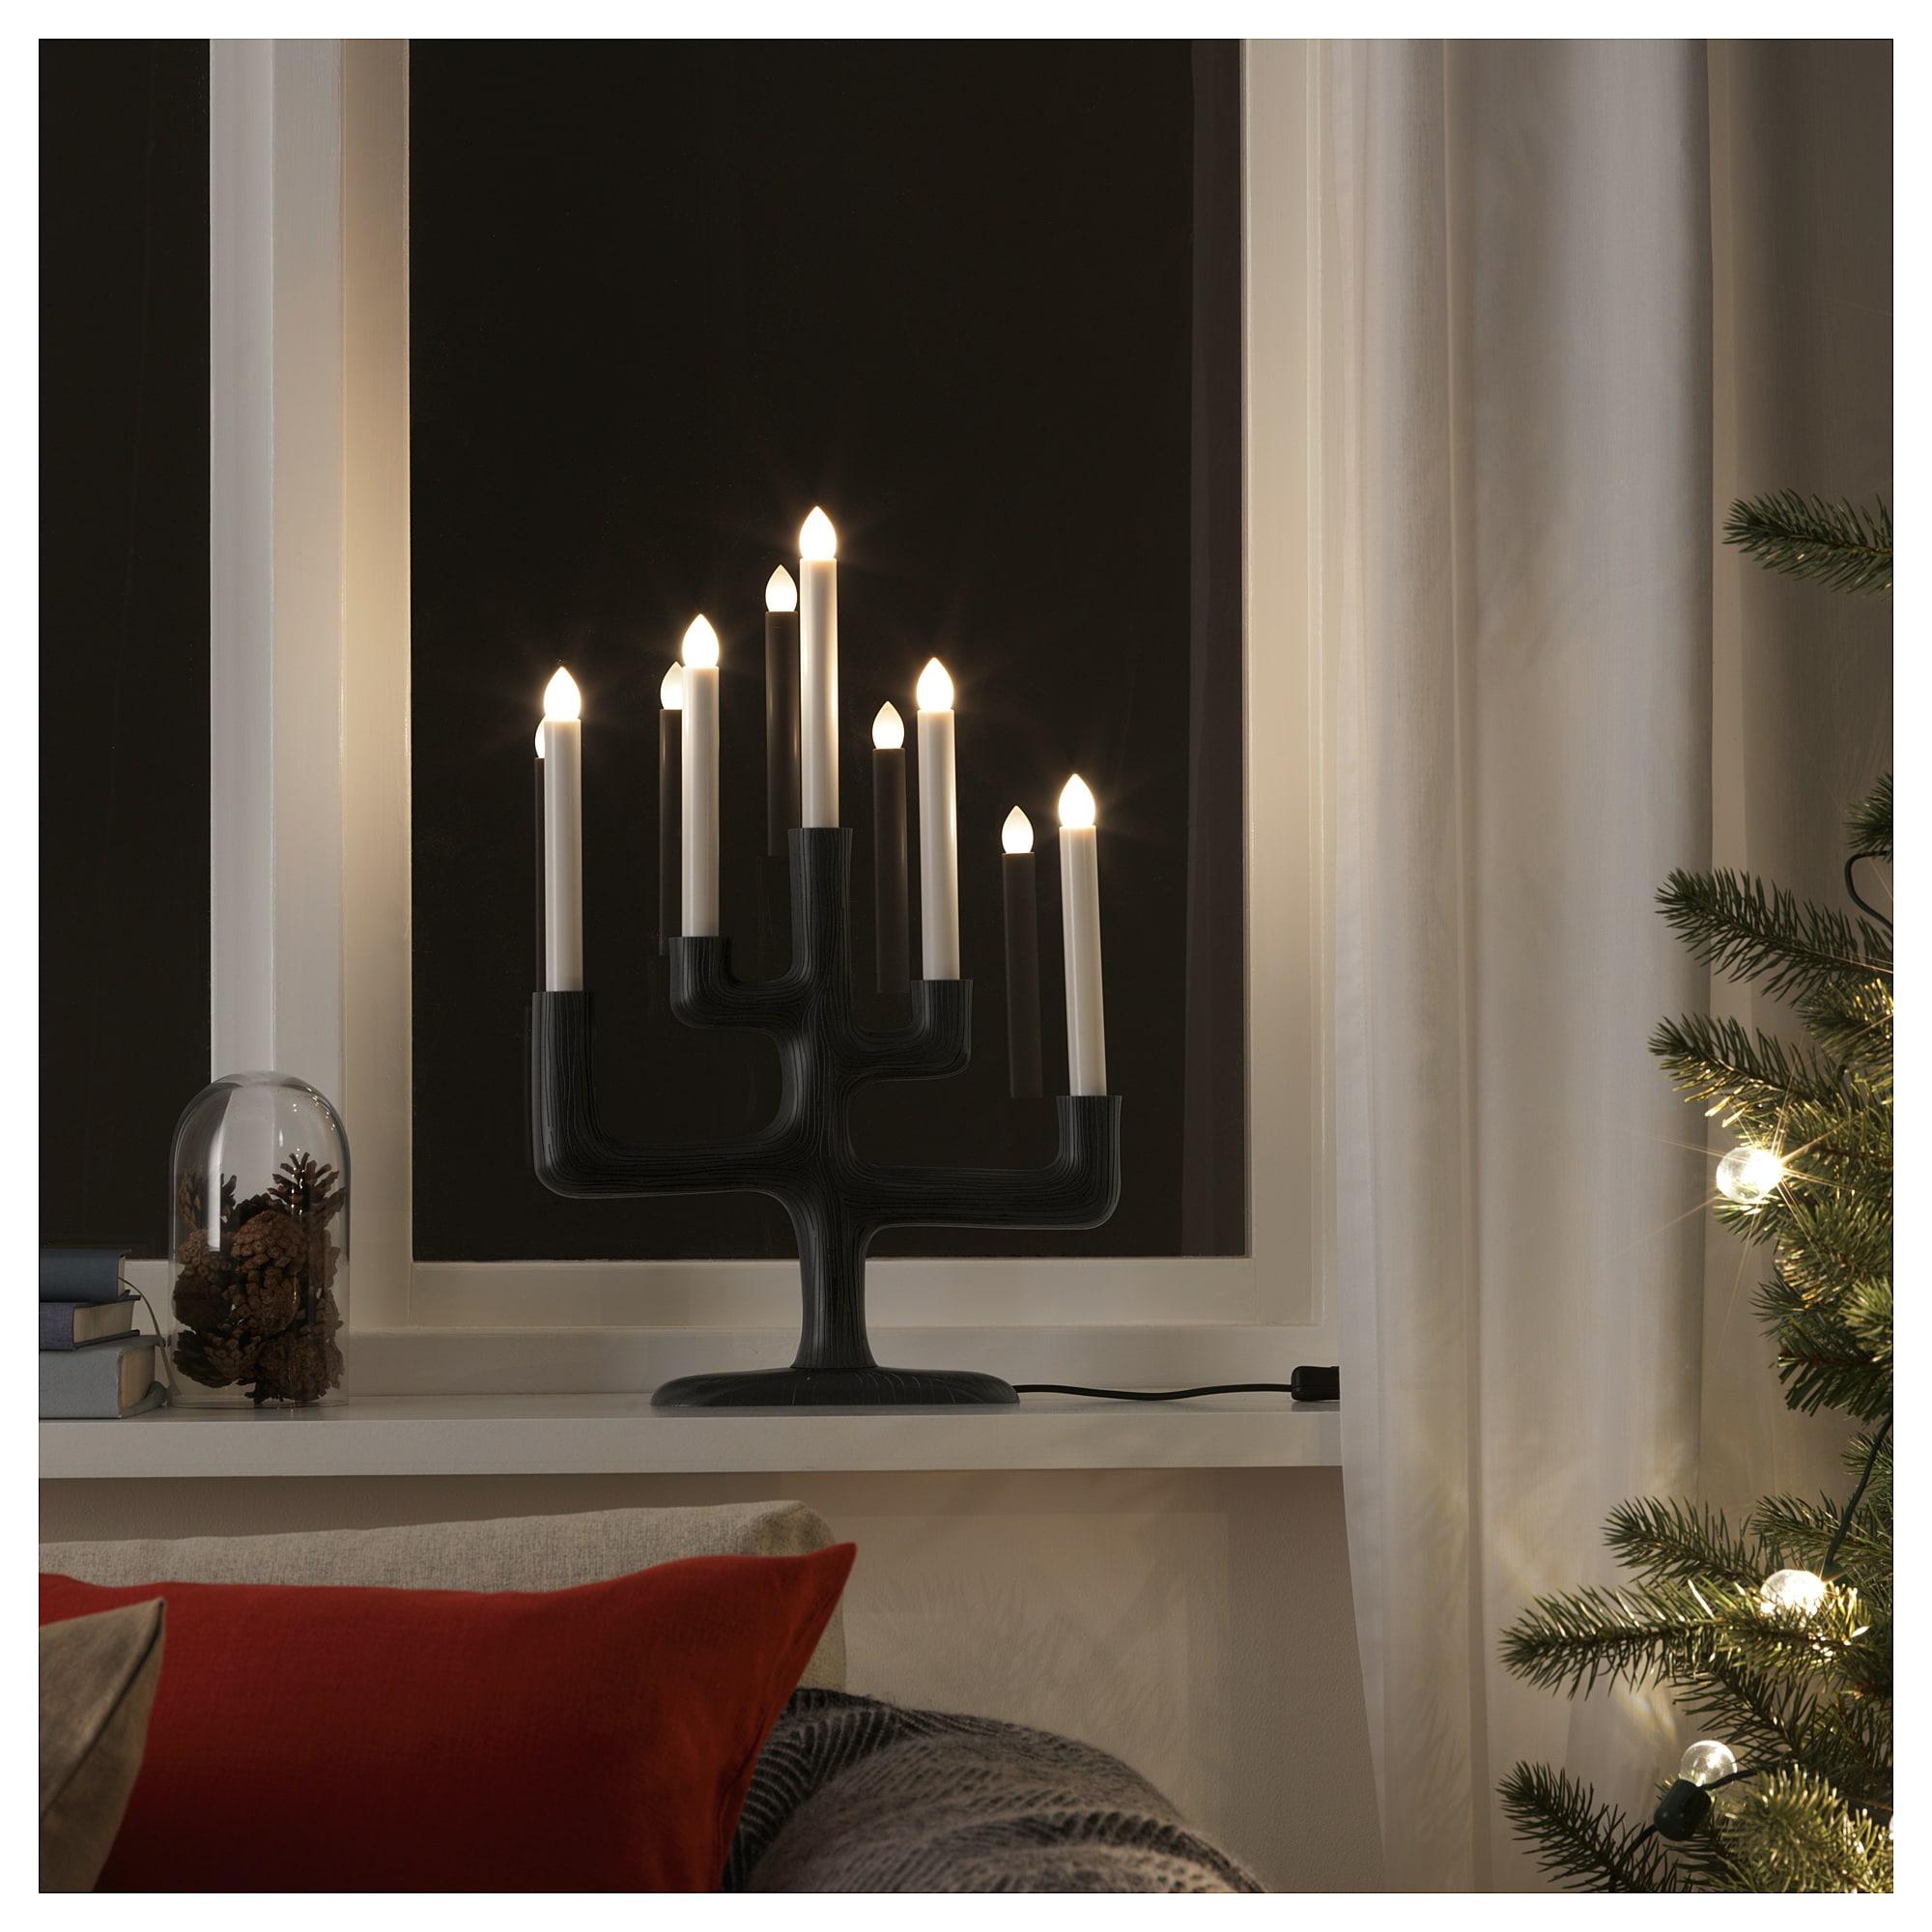 Светодиодный канделябр, 5 ламп СТРОЛА темно-серый артикуль № 404.077.43 в наличии. Online сайт IKEA Беларусь. Недорогая доставка и соборка.